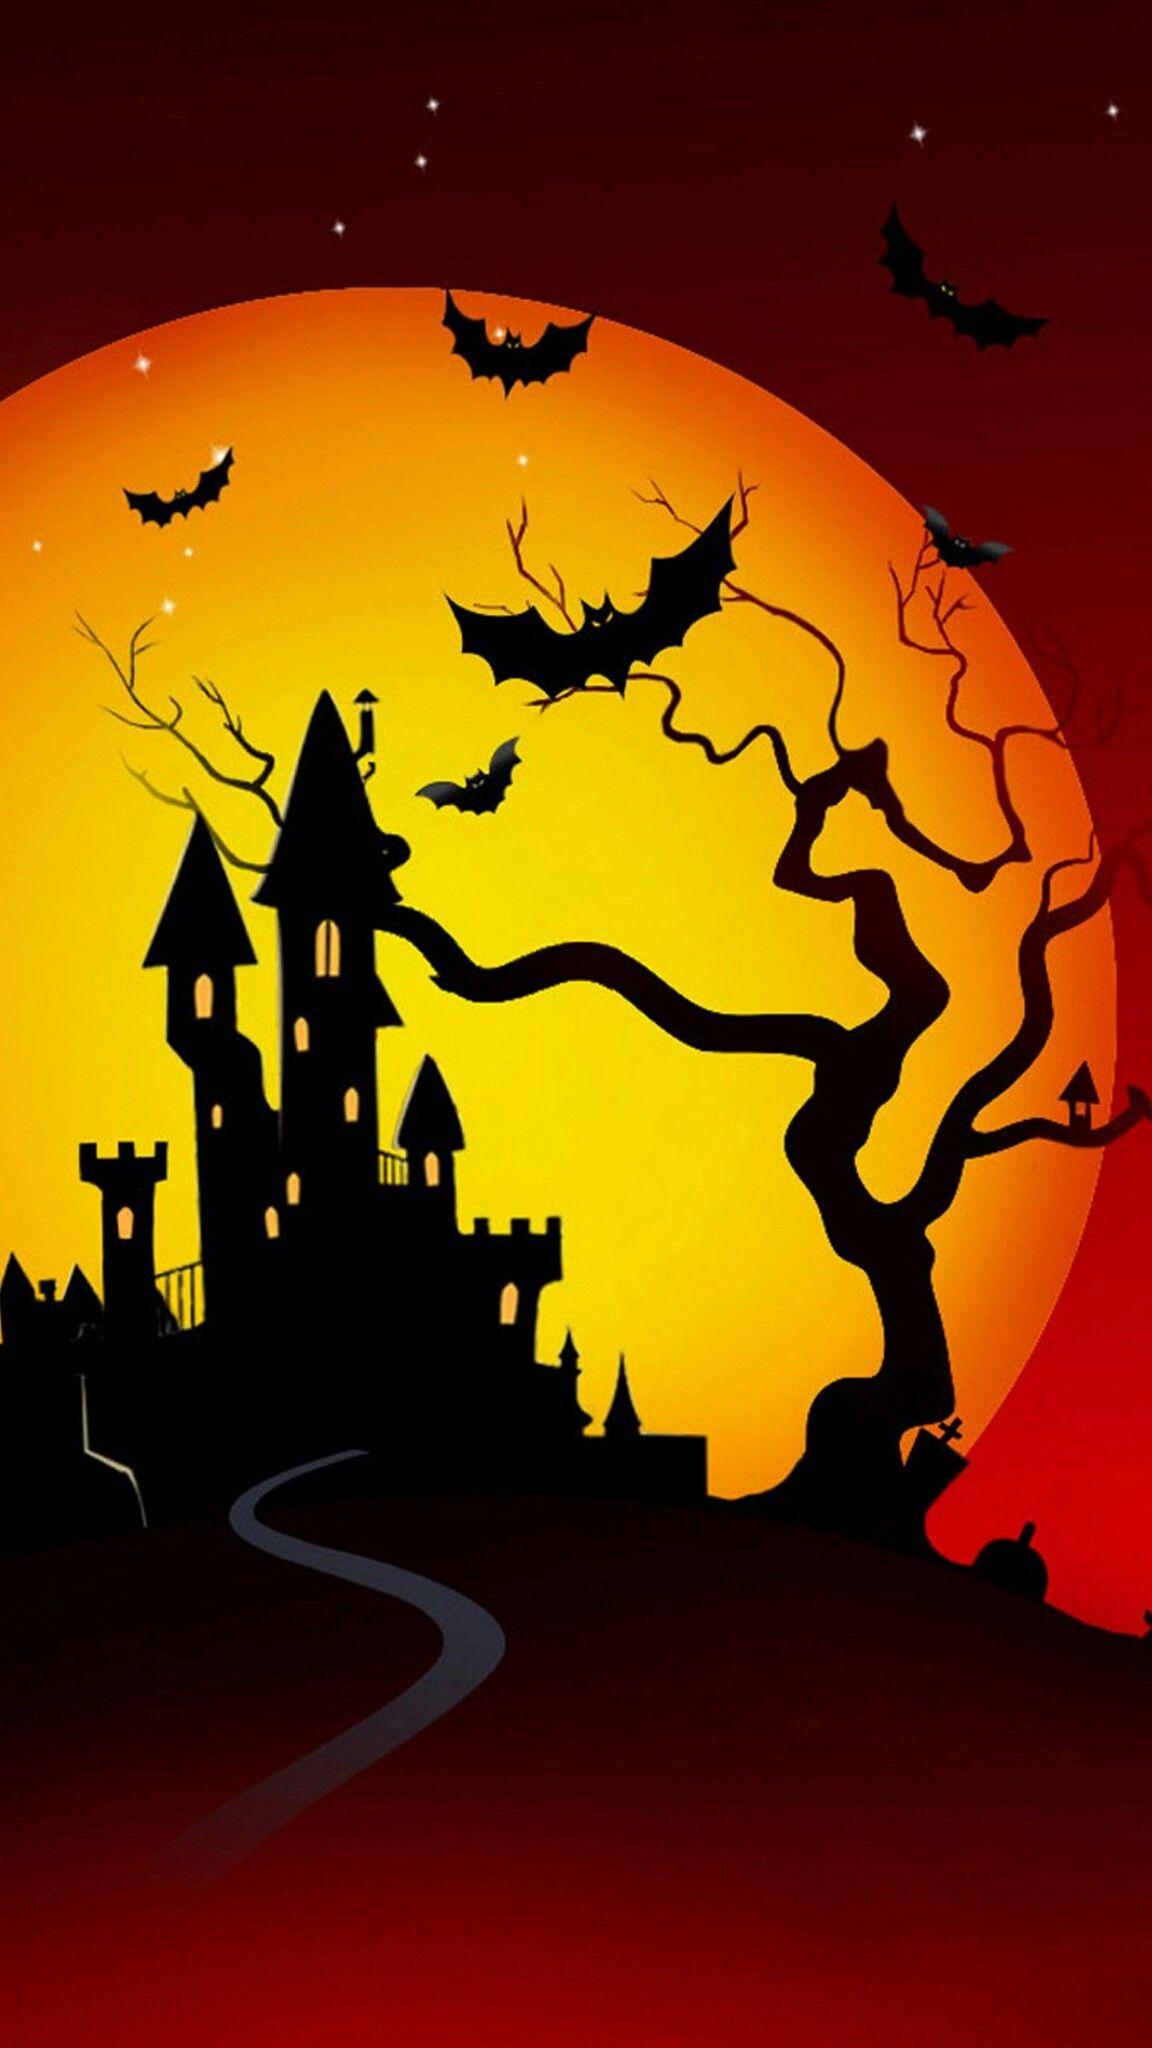 Halloween Background Backgrounds Halloween Free Halloween Wallpaper Halloween Wallpaper Iphone Halloween Wallpaper